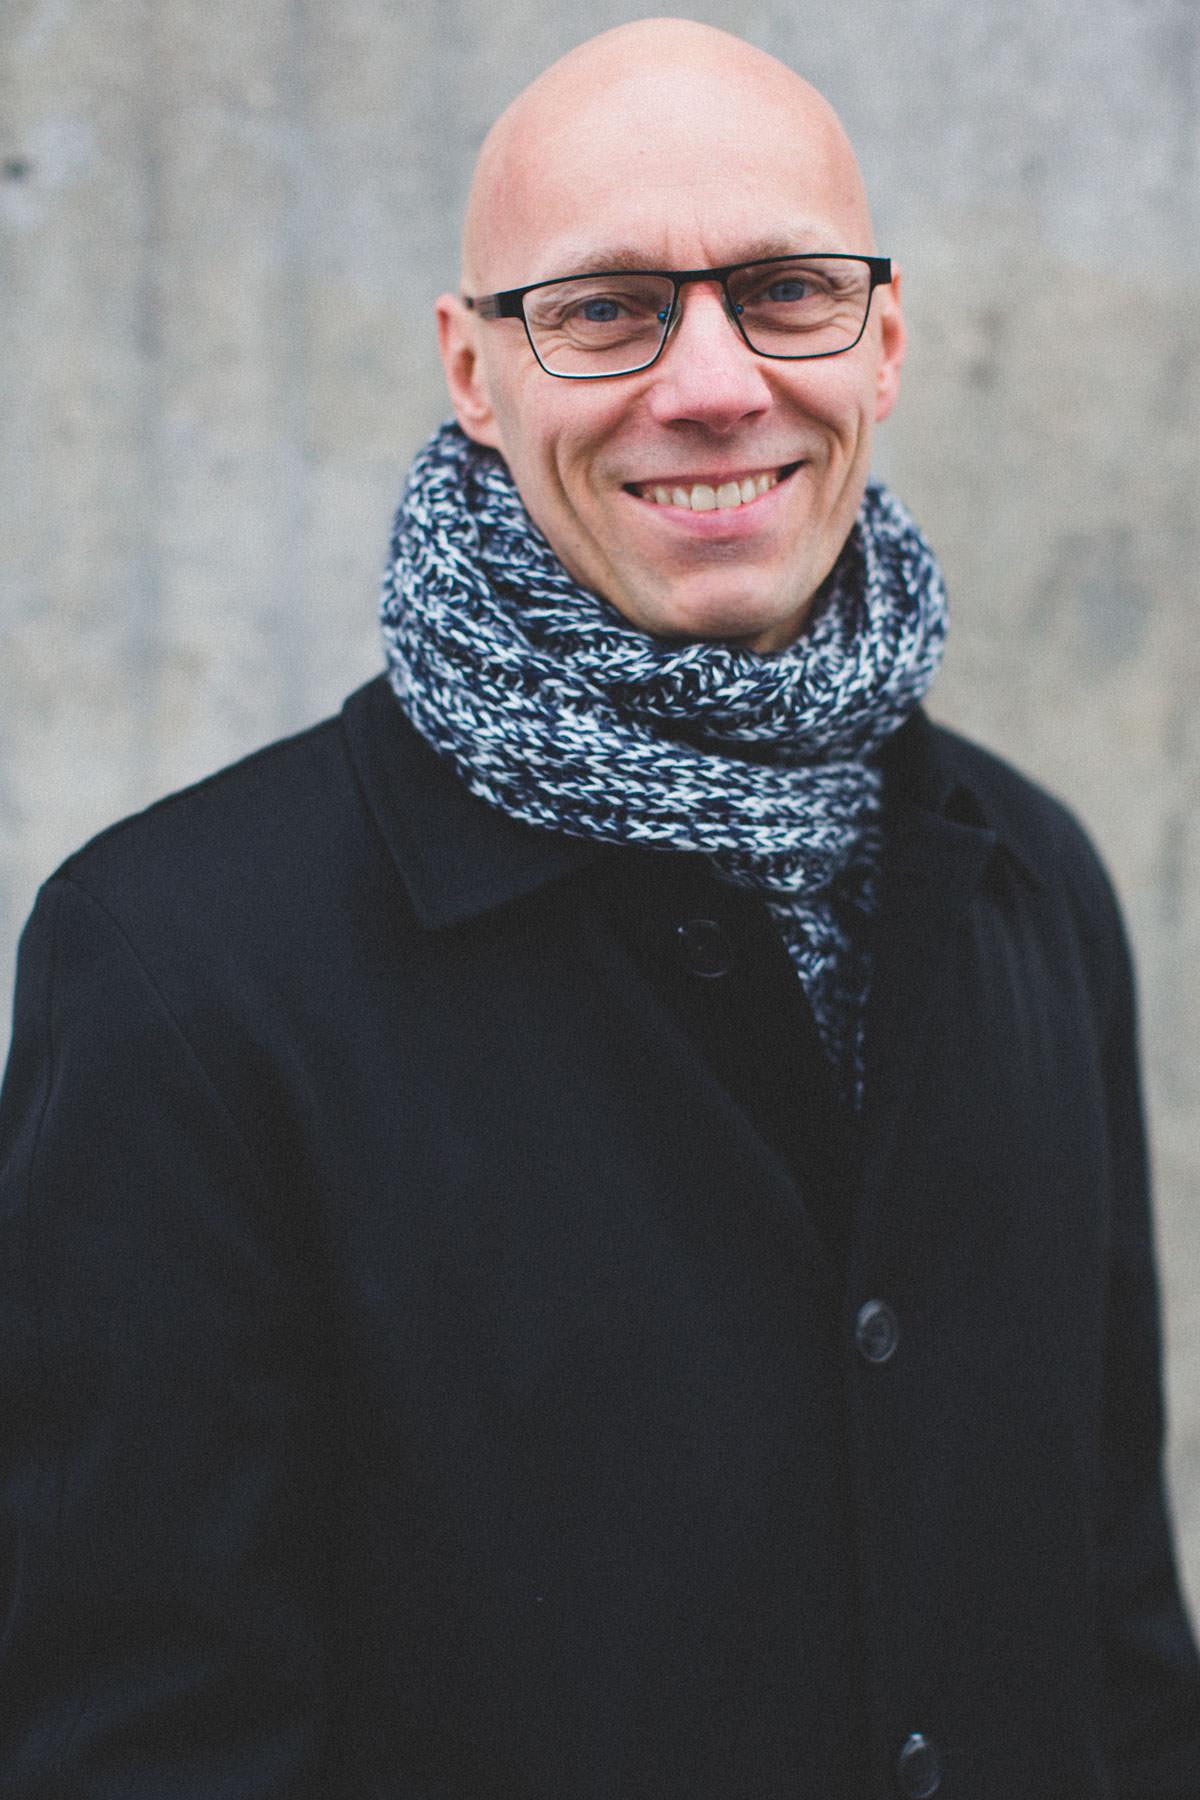 Urban företagsfotografering och porträttfotografering i Malmö. Foto: Tove Lundquist.